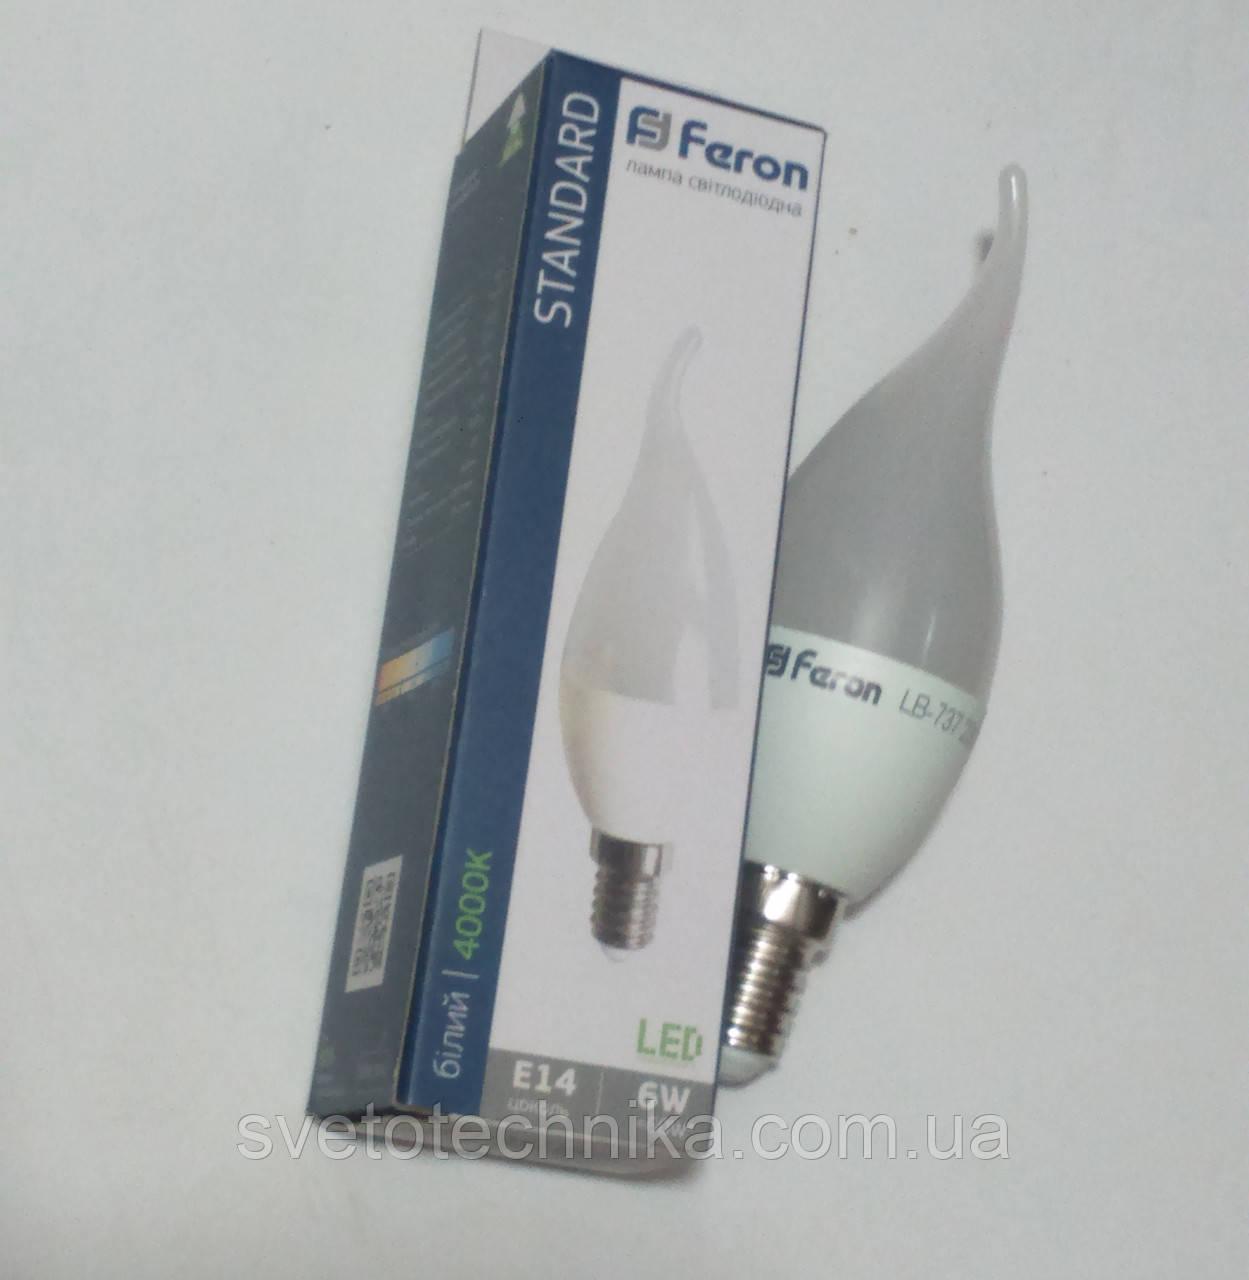 Светодиодная лампа свеча на ветру Feron LB737 E14 CF37   6W  4000К